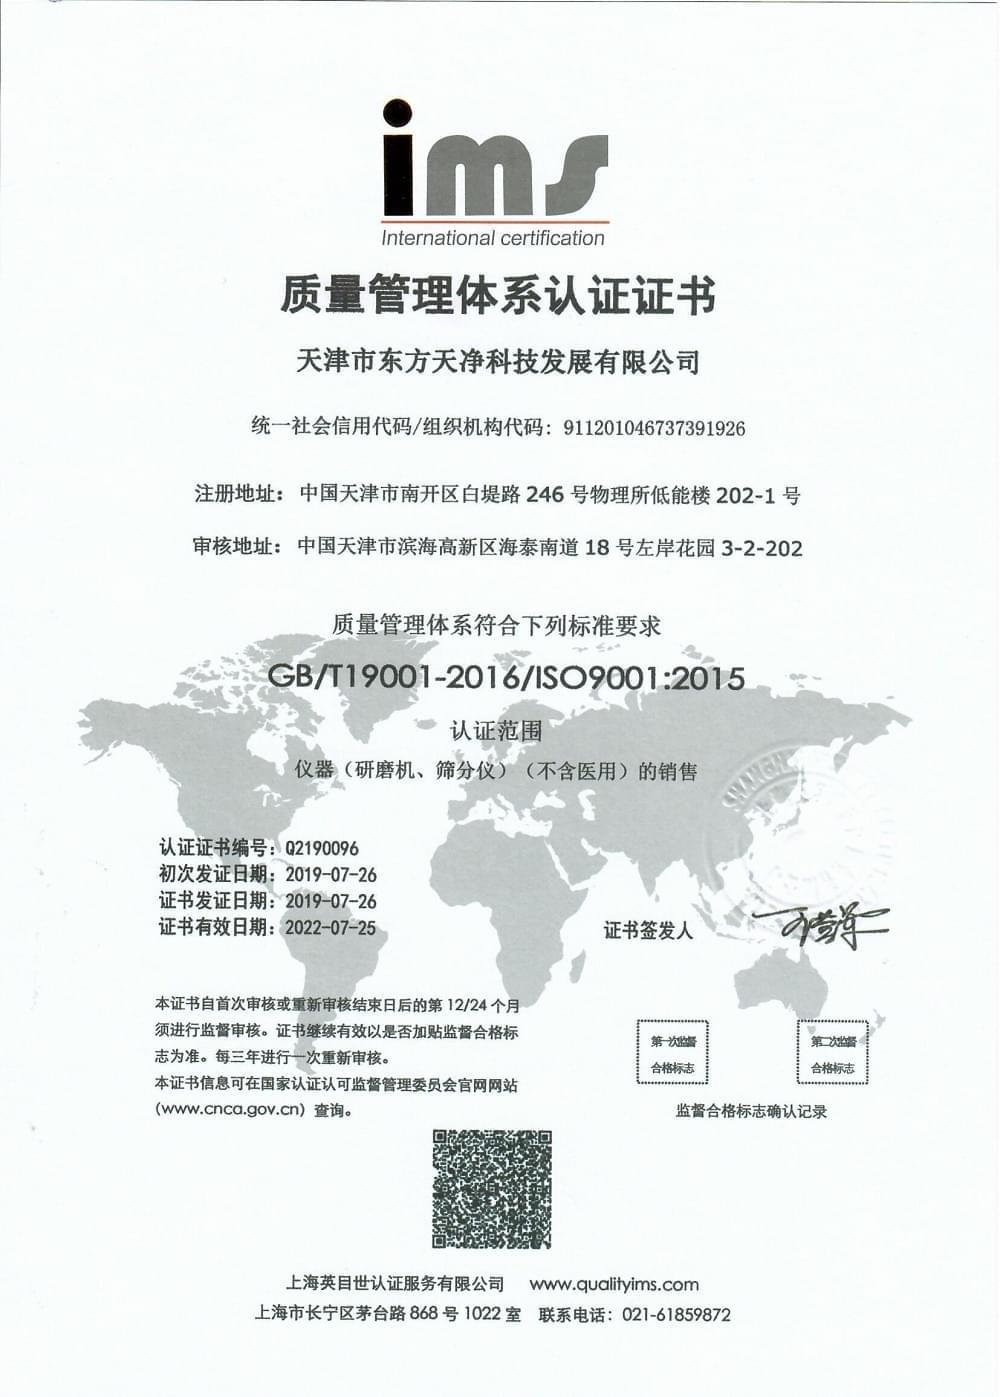 东方天净产品ISO 9001质量管理体系认证